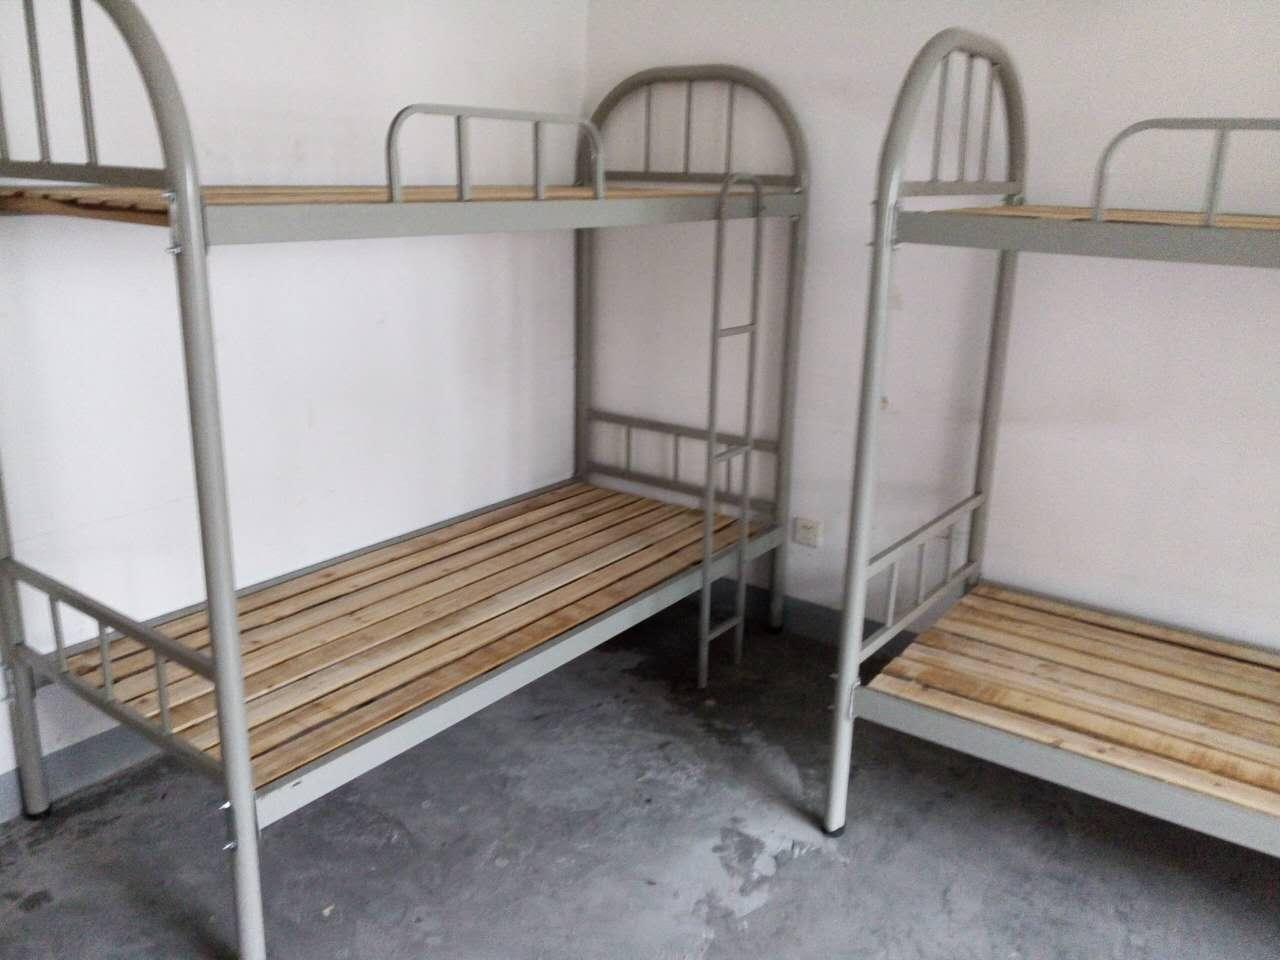 合肥双层上下铺床厂家13365606995供应高低铁架床